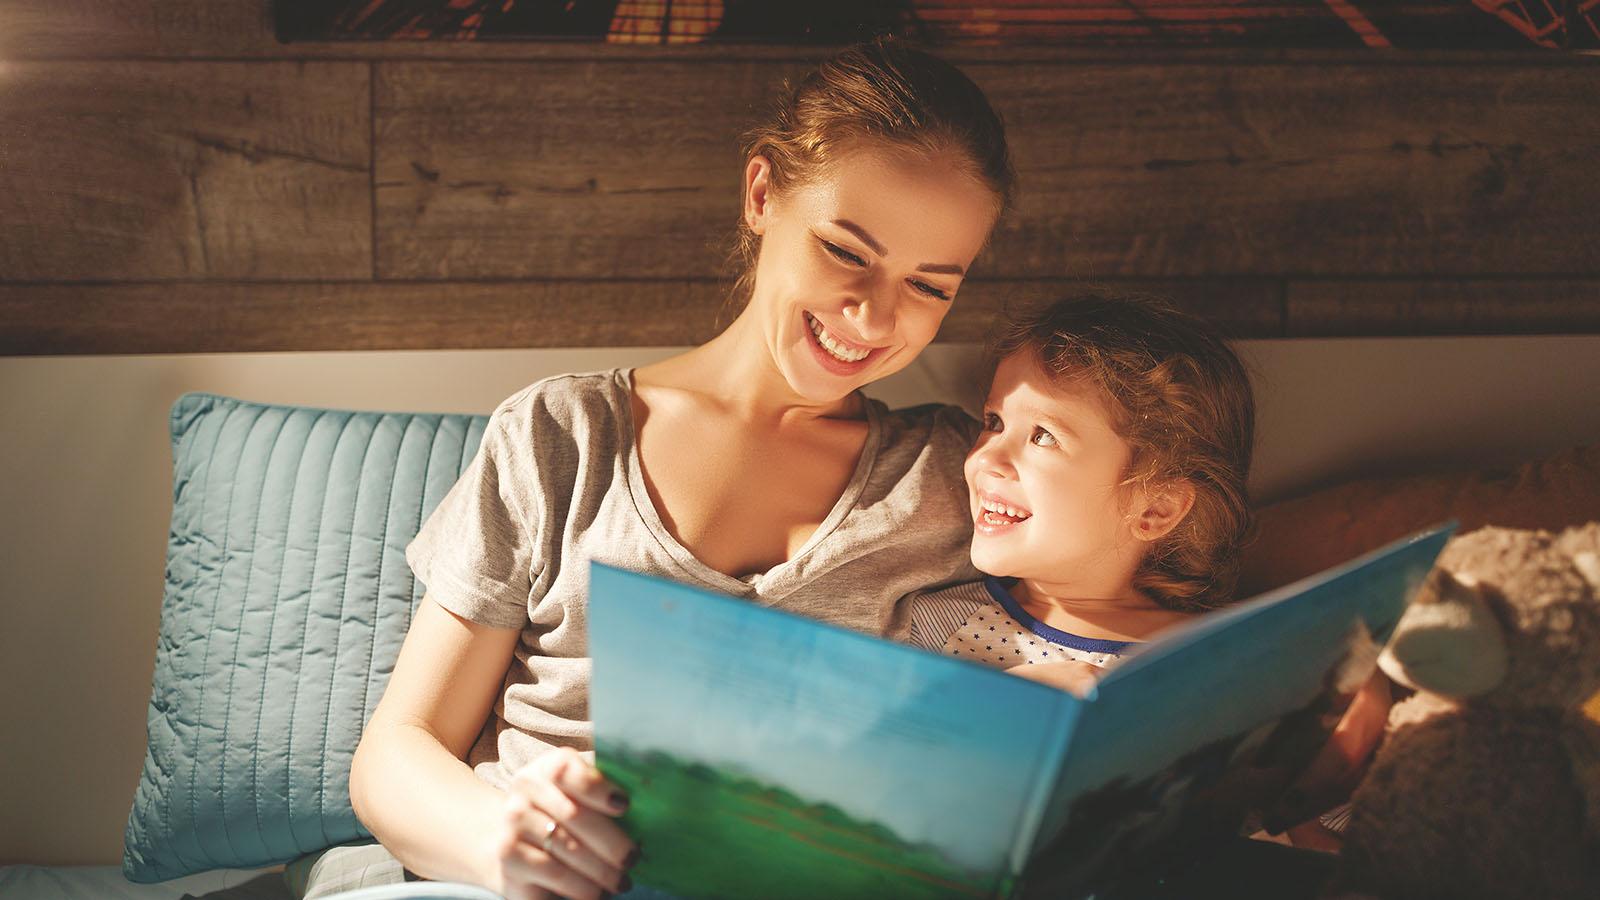 READING LIST FOR MOMS